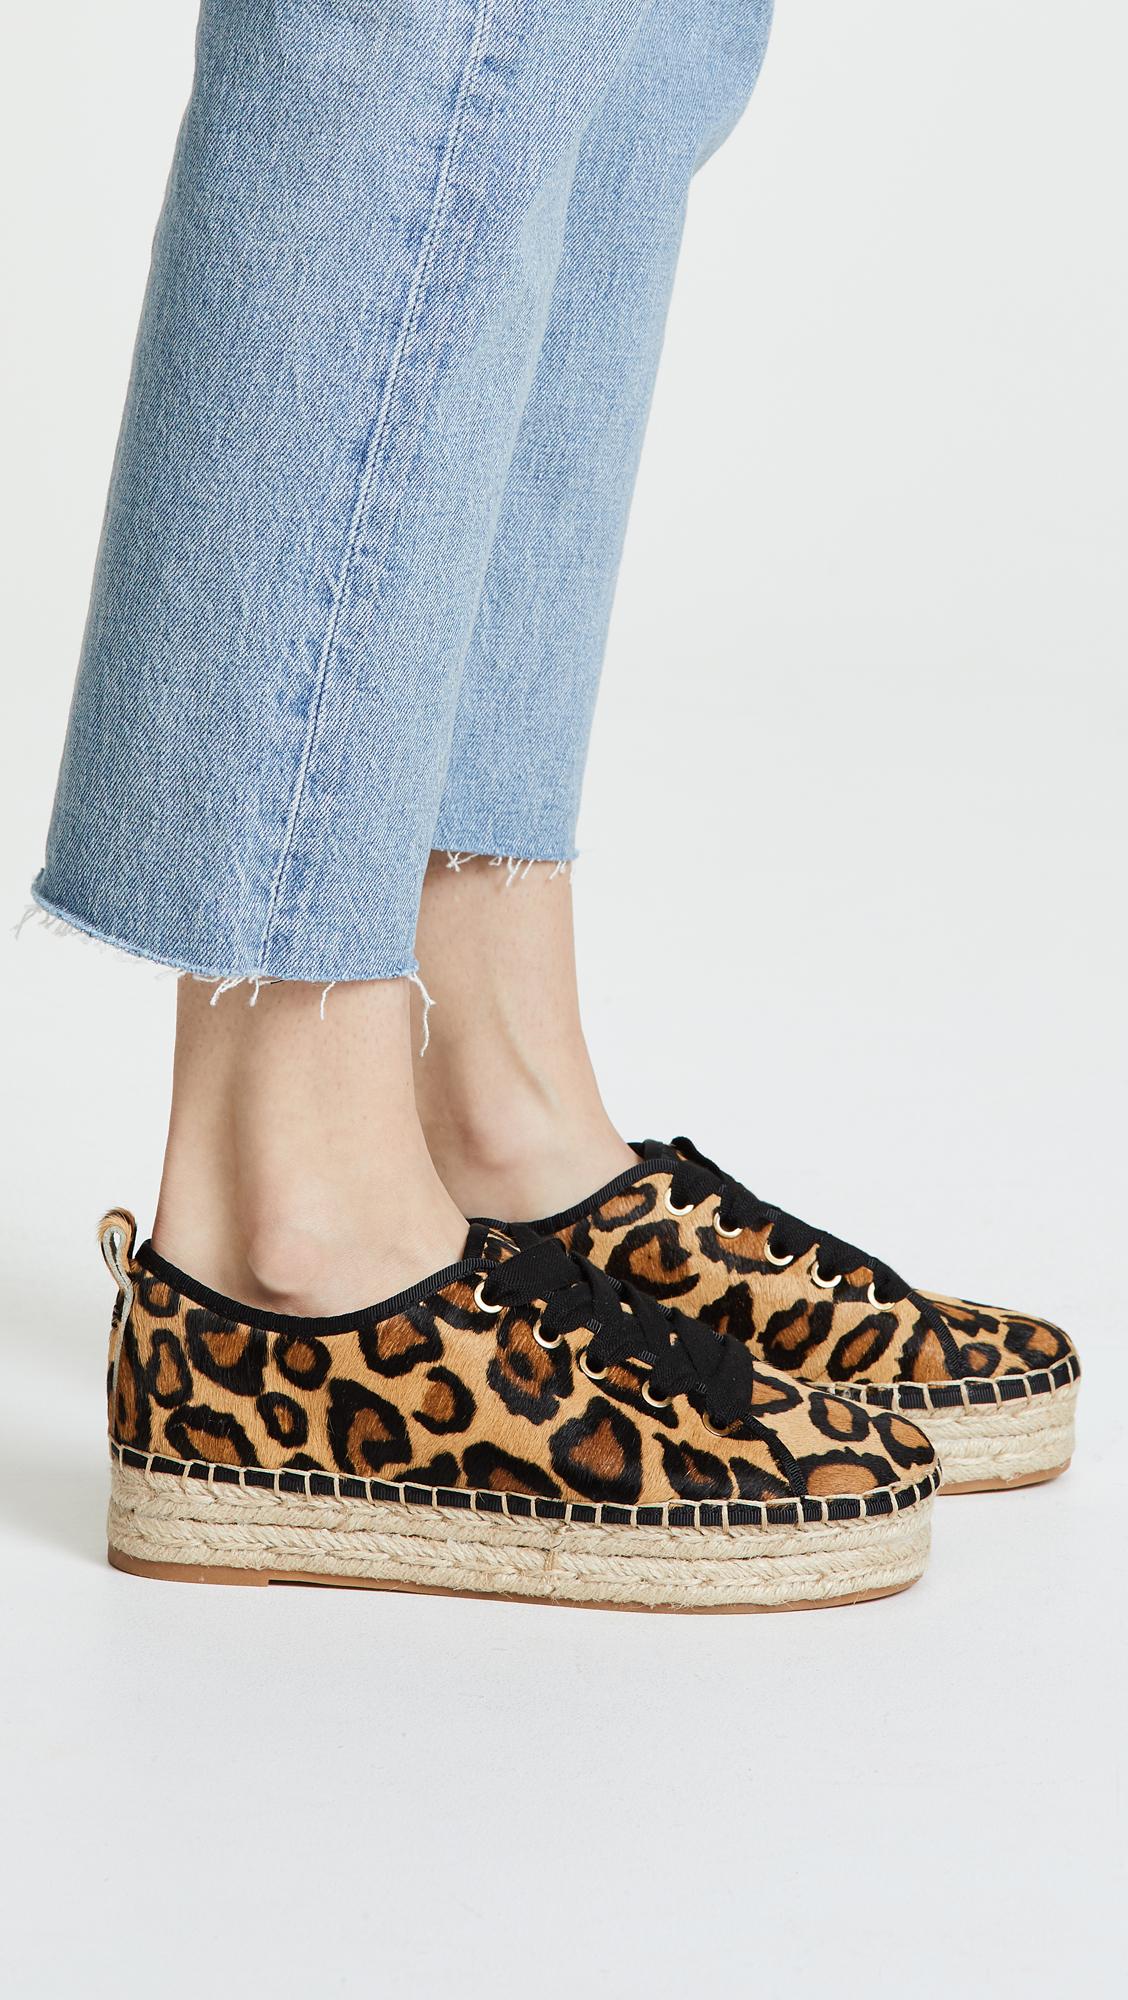 89fccecb78269e Sam Edelman Celina Espadrille Sneakers